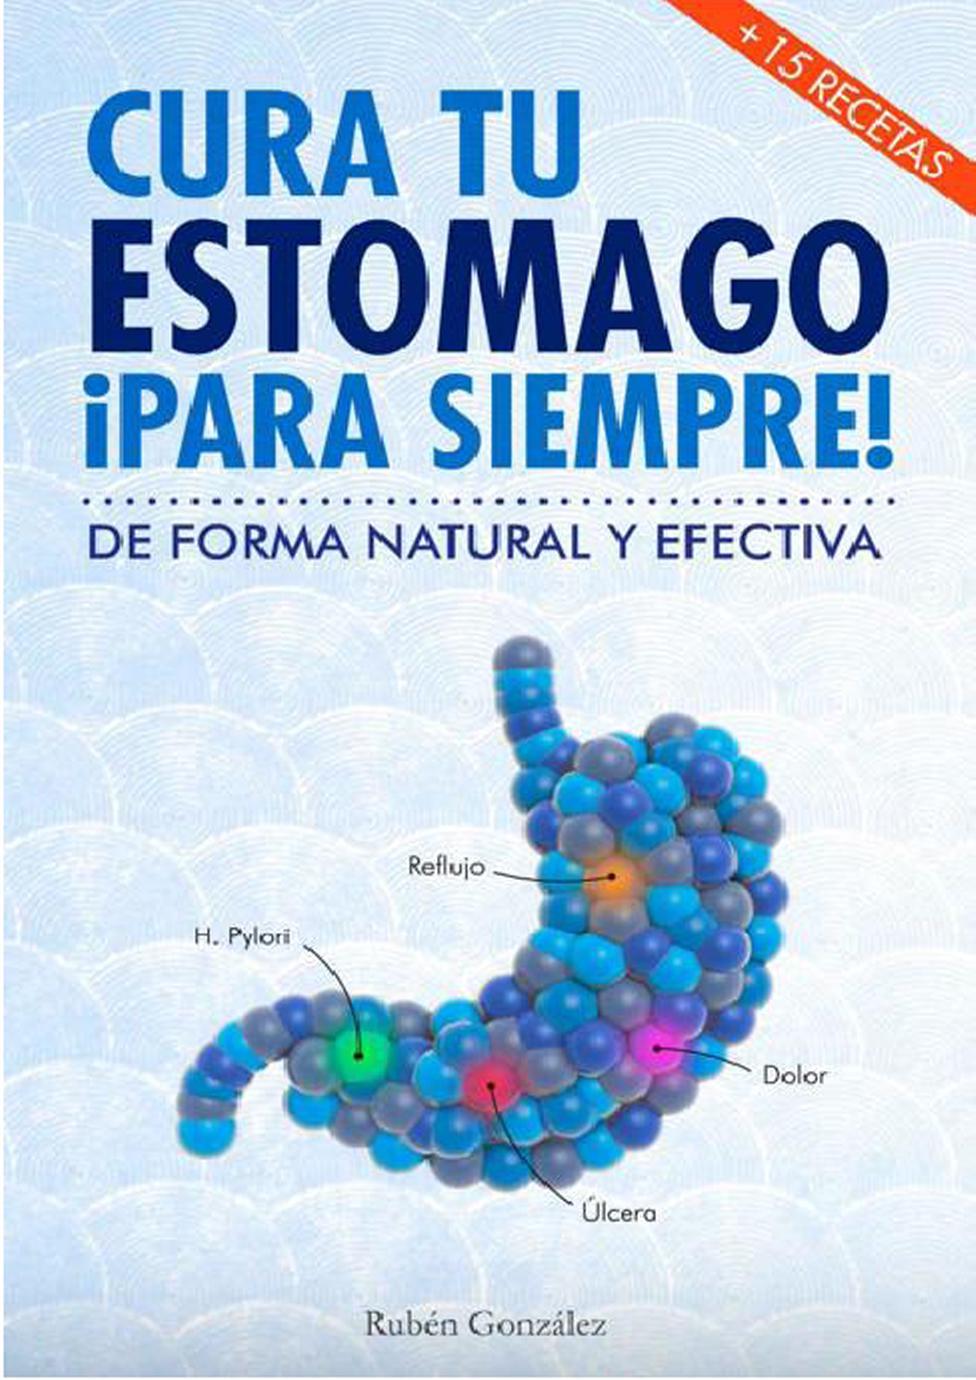 Cura tu estómago ¡Para siempre!: De forma natural y efectiva – Rubén González